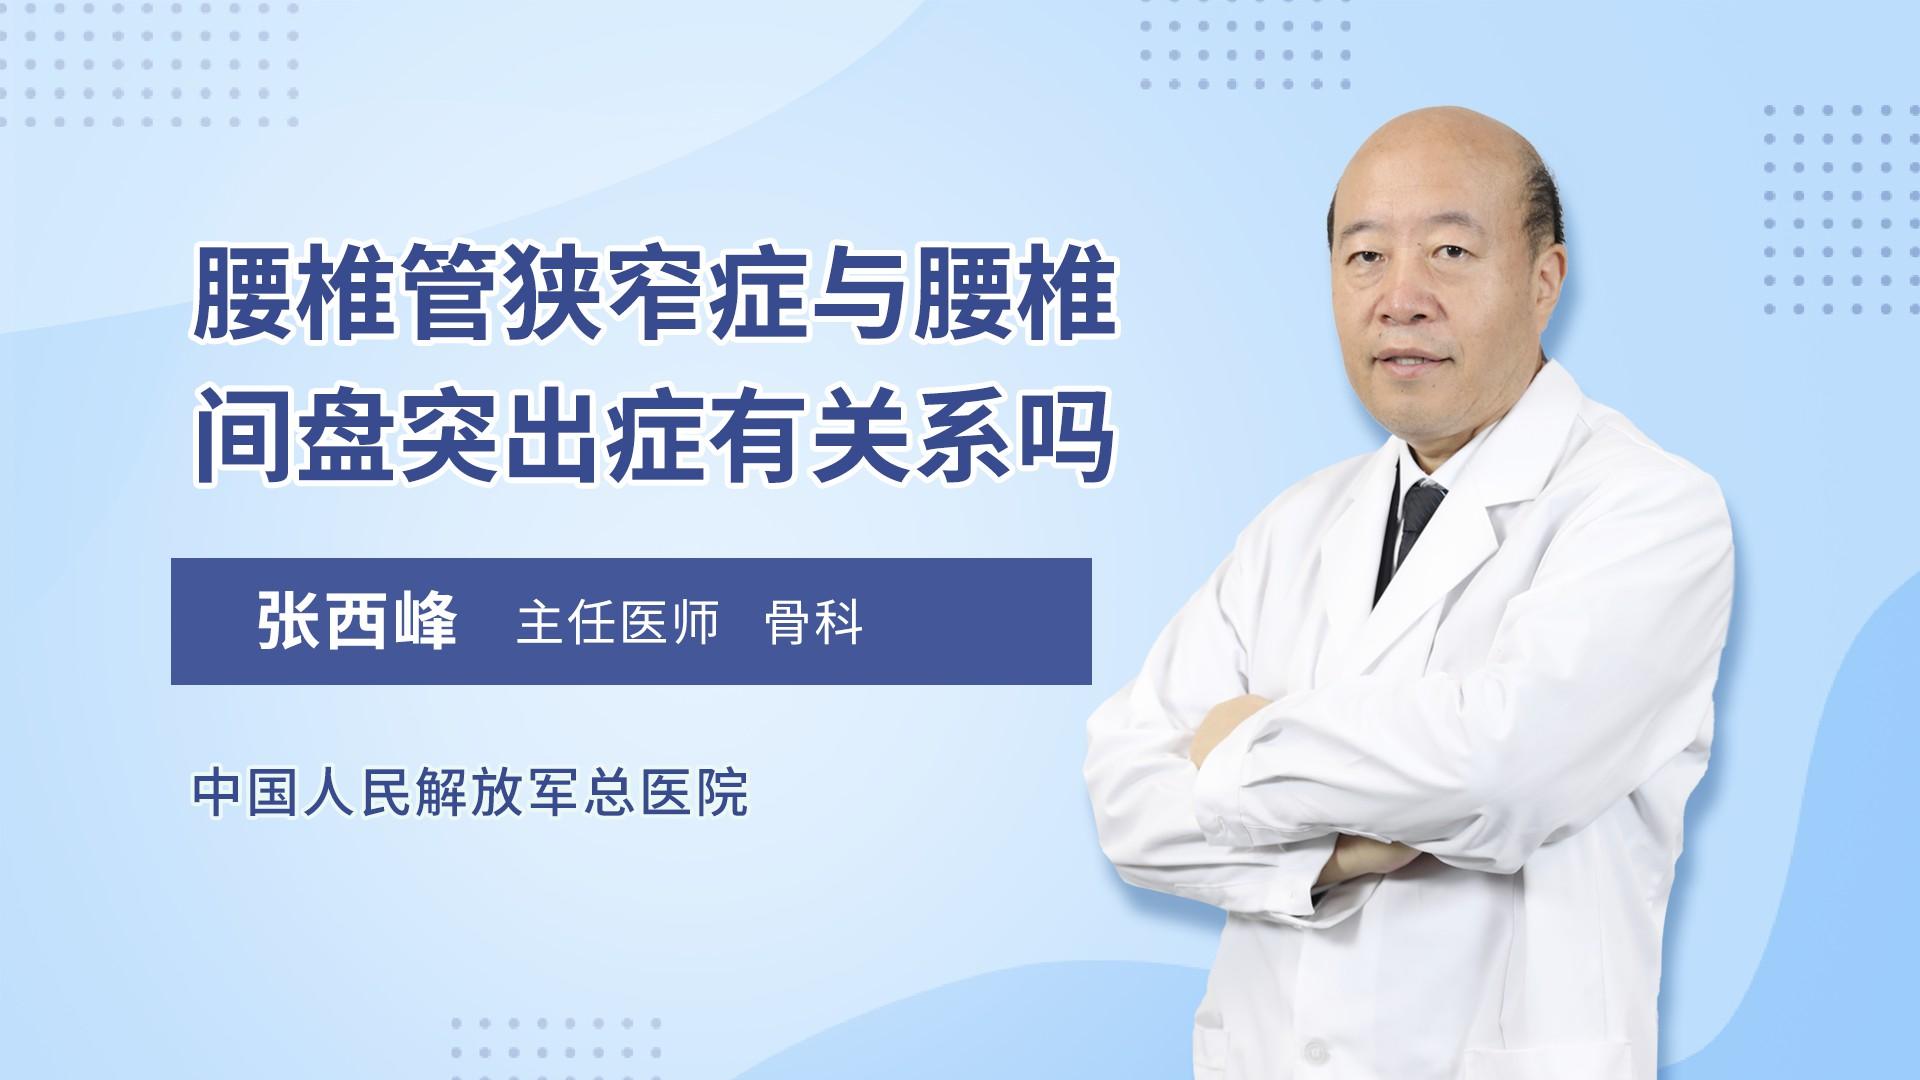 腰椎管狭窄症与腰椎间盘突出症有关系吗